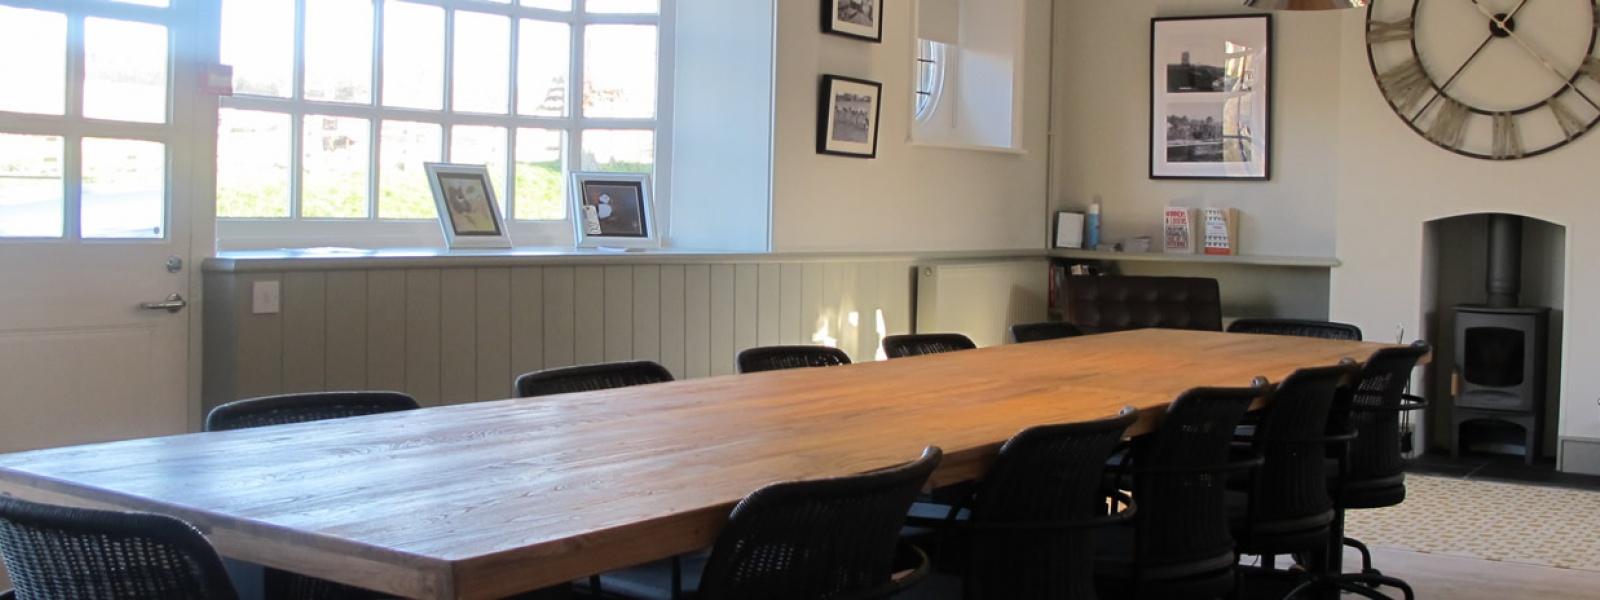 Flexible Office and Meeting Rooms Overbury Tewkesbury -